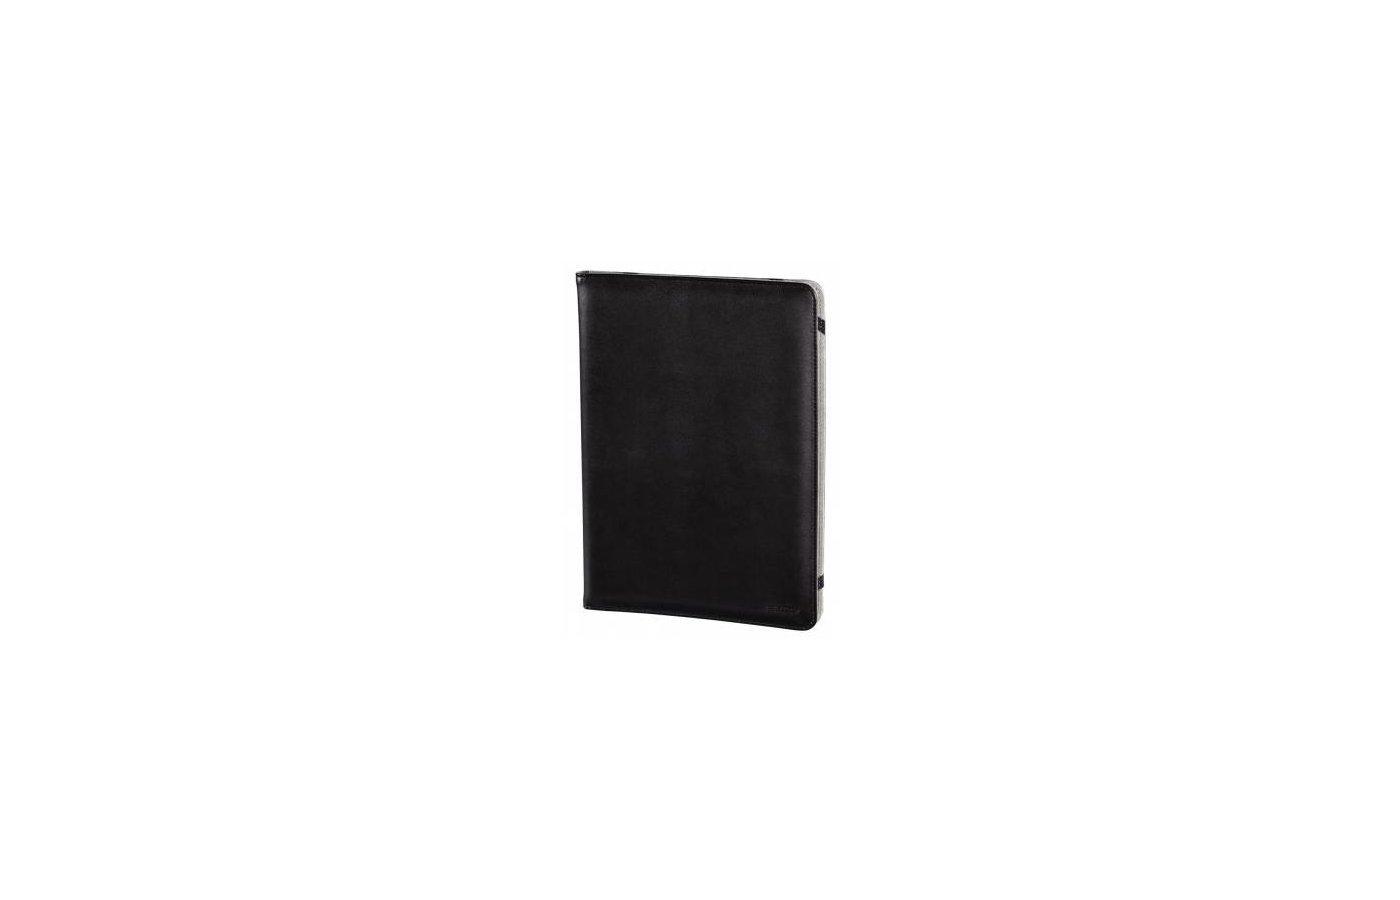 """Чехол для планшетного ПК Hama для планшета 10.1"""" PISCINE полиуретан черный (3R108272)"""